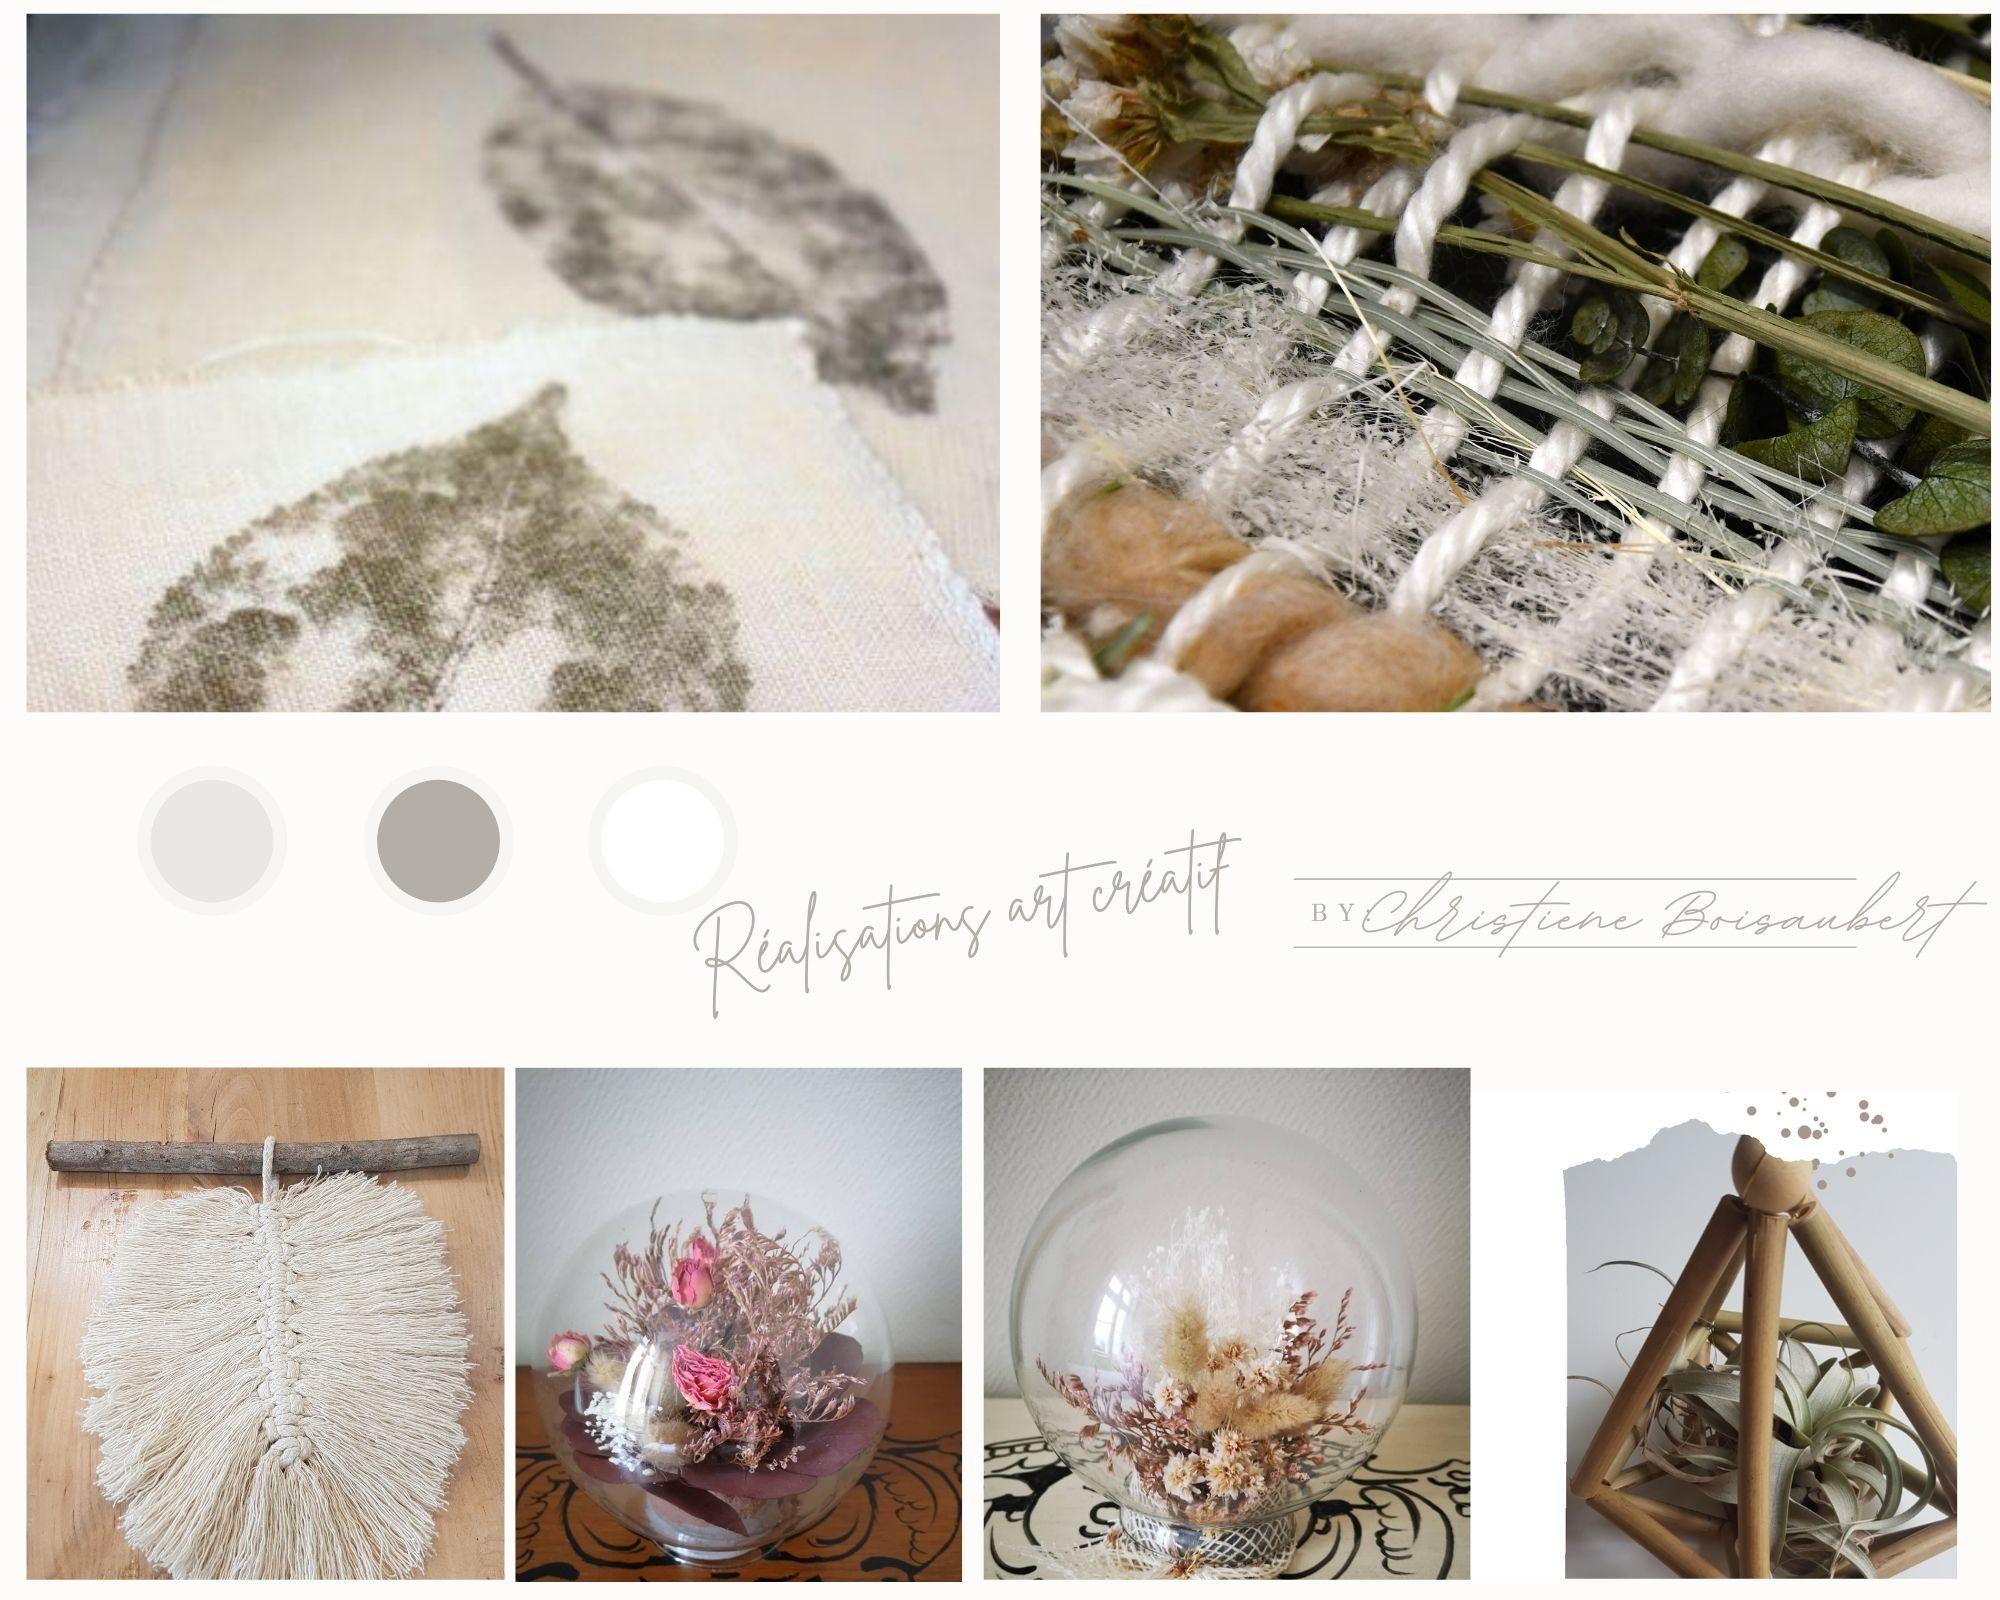 Ateliers d'art créatifs autour du végétal : Tataki Zome, Kokedama, Macramé Tissage végétal, bouquets de fleurs séchées